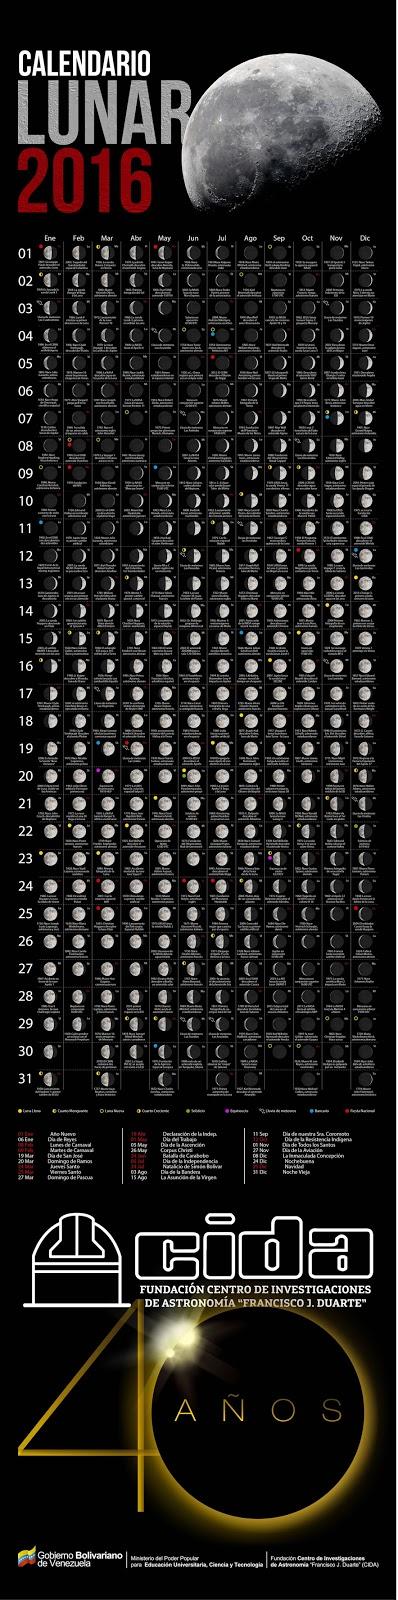 El selv tico calendario lunar 2016 para venezuela del cida for Calendario lunar junio